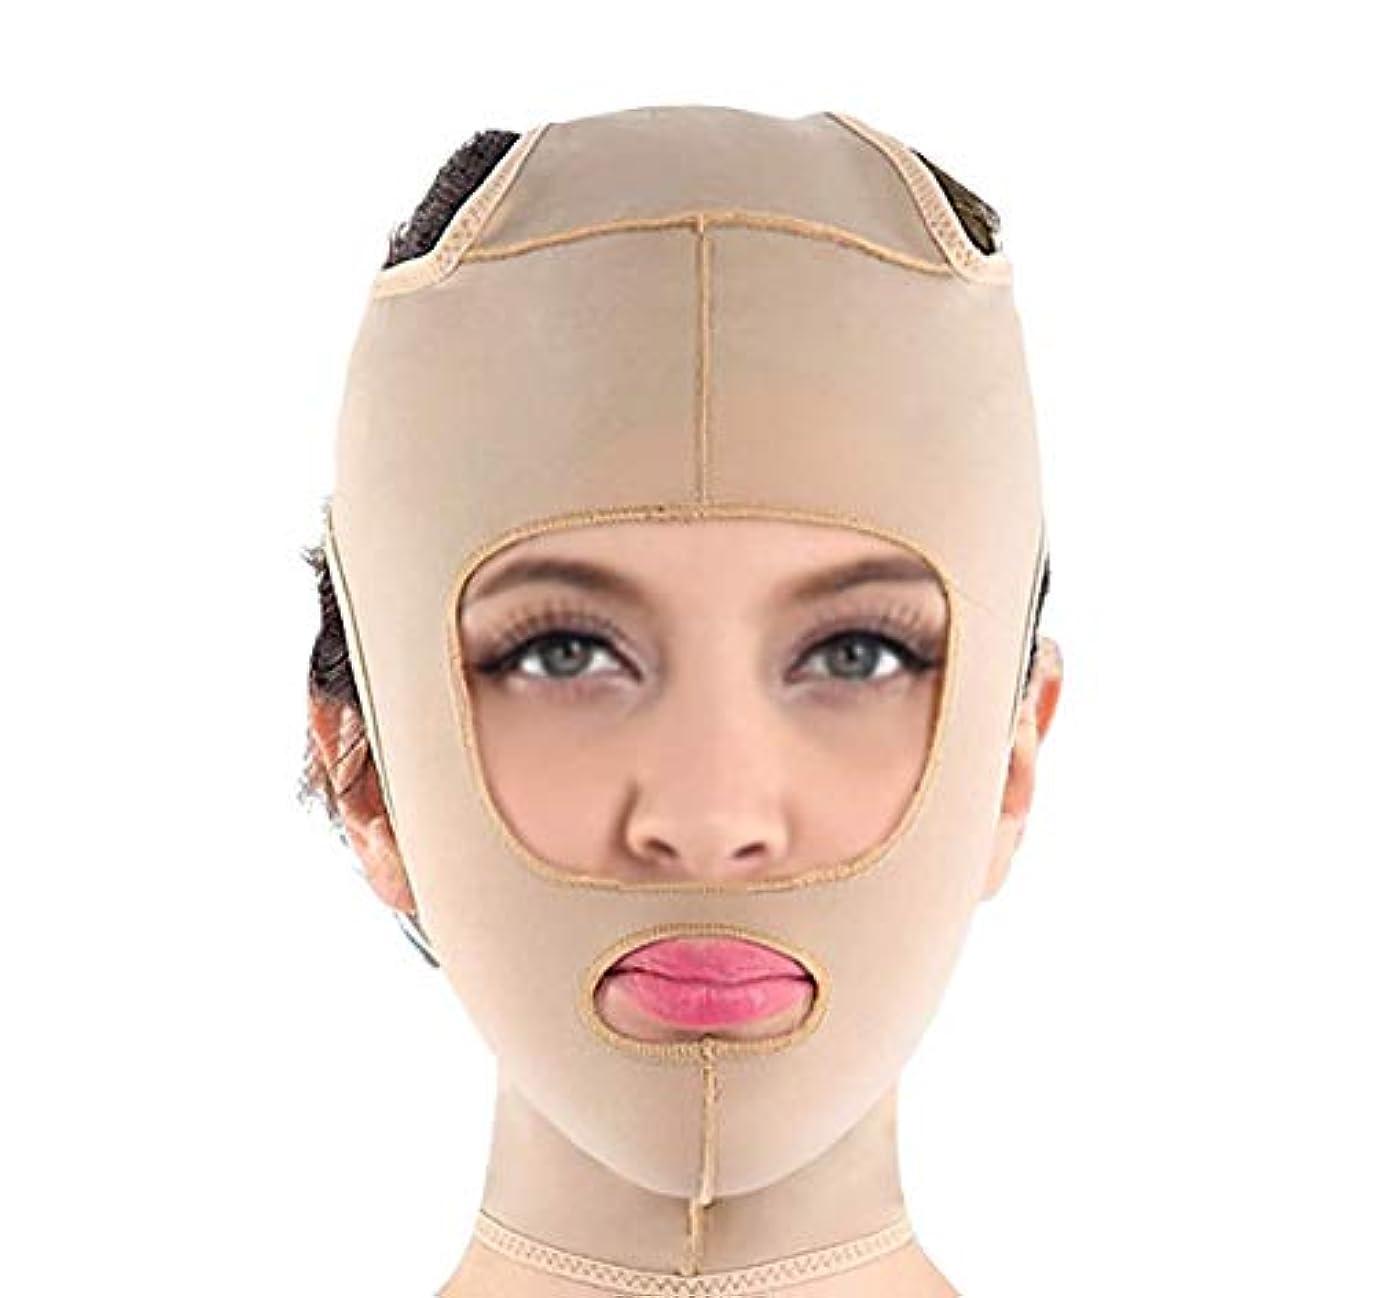 ライトニング中年齢フェイスリフティングマスクで肌をよりしっかりと保ち、V字型の顔を形作り、超薄型の通気性、調節可能で快適な着用感(サイズ:Xl),L